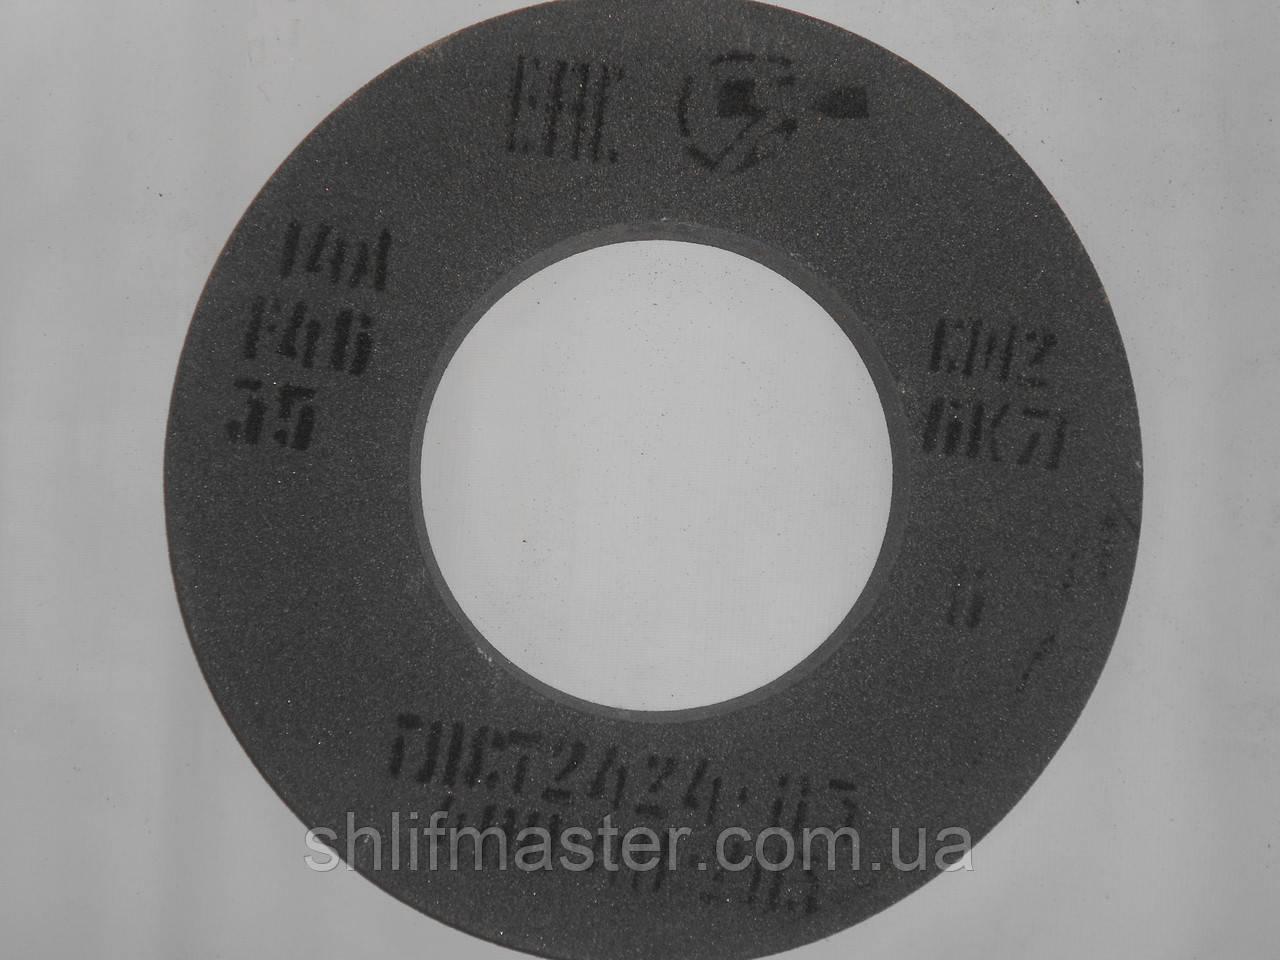 Круг шлифовальный 14А (электрокорунд серый) ПП на керамической связке 400х50х203 25 СТ